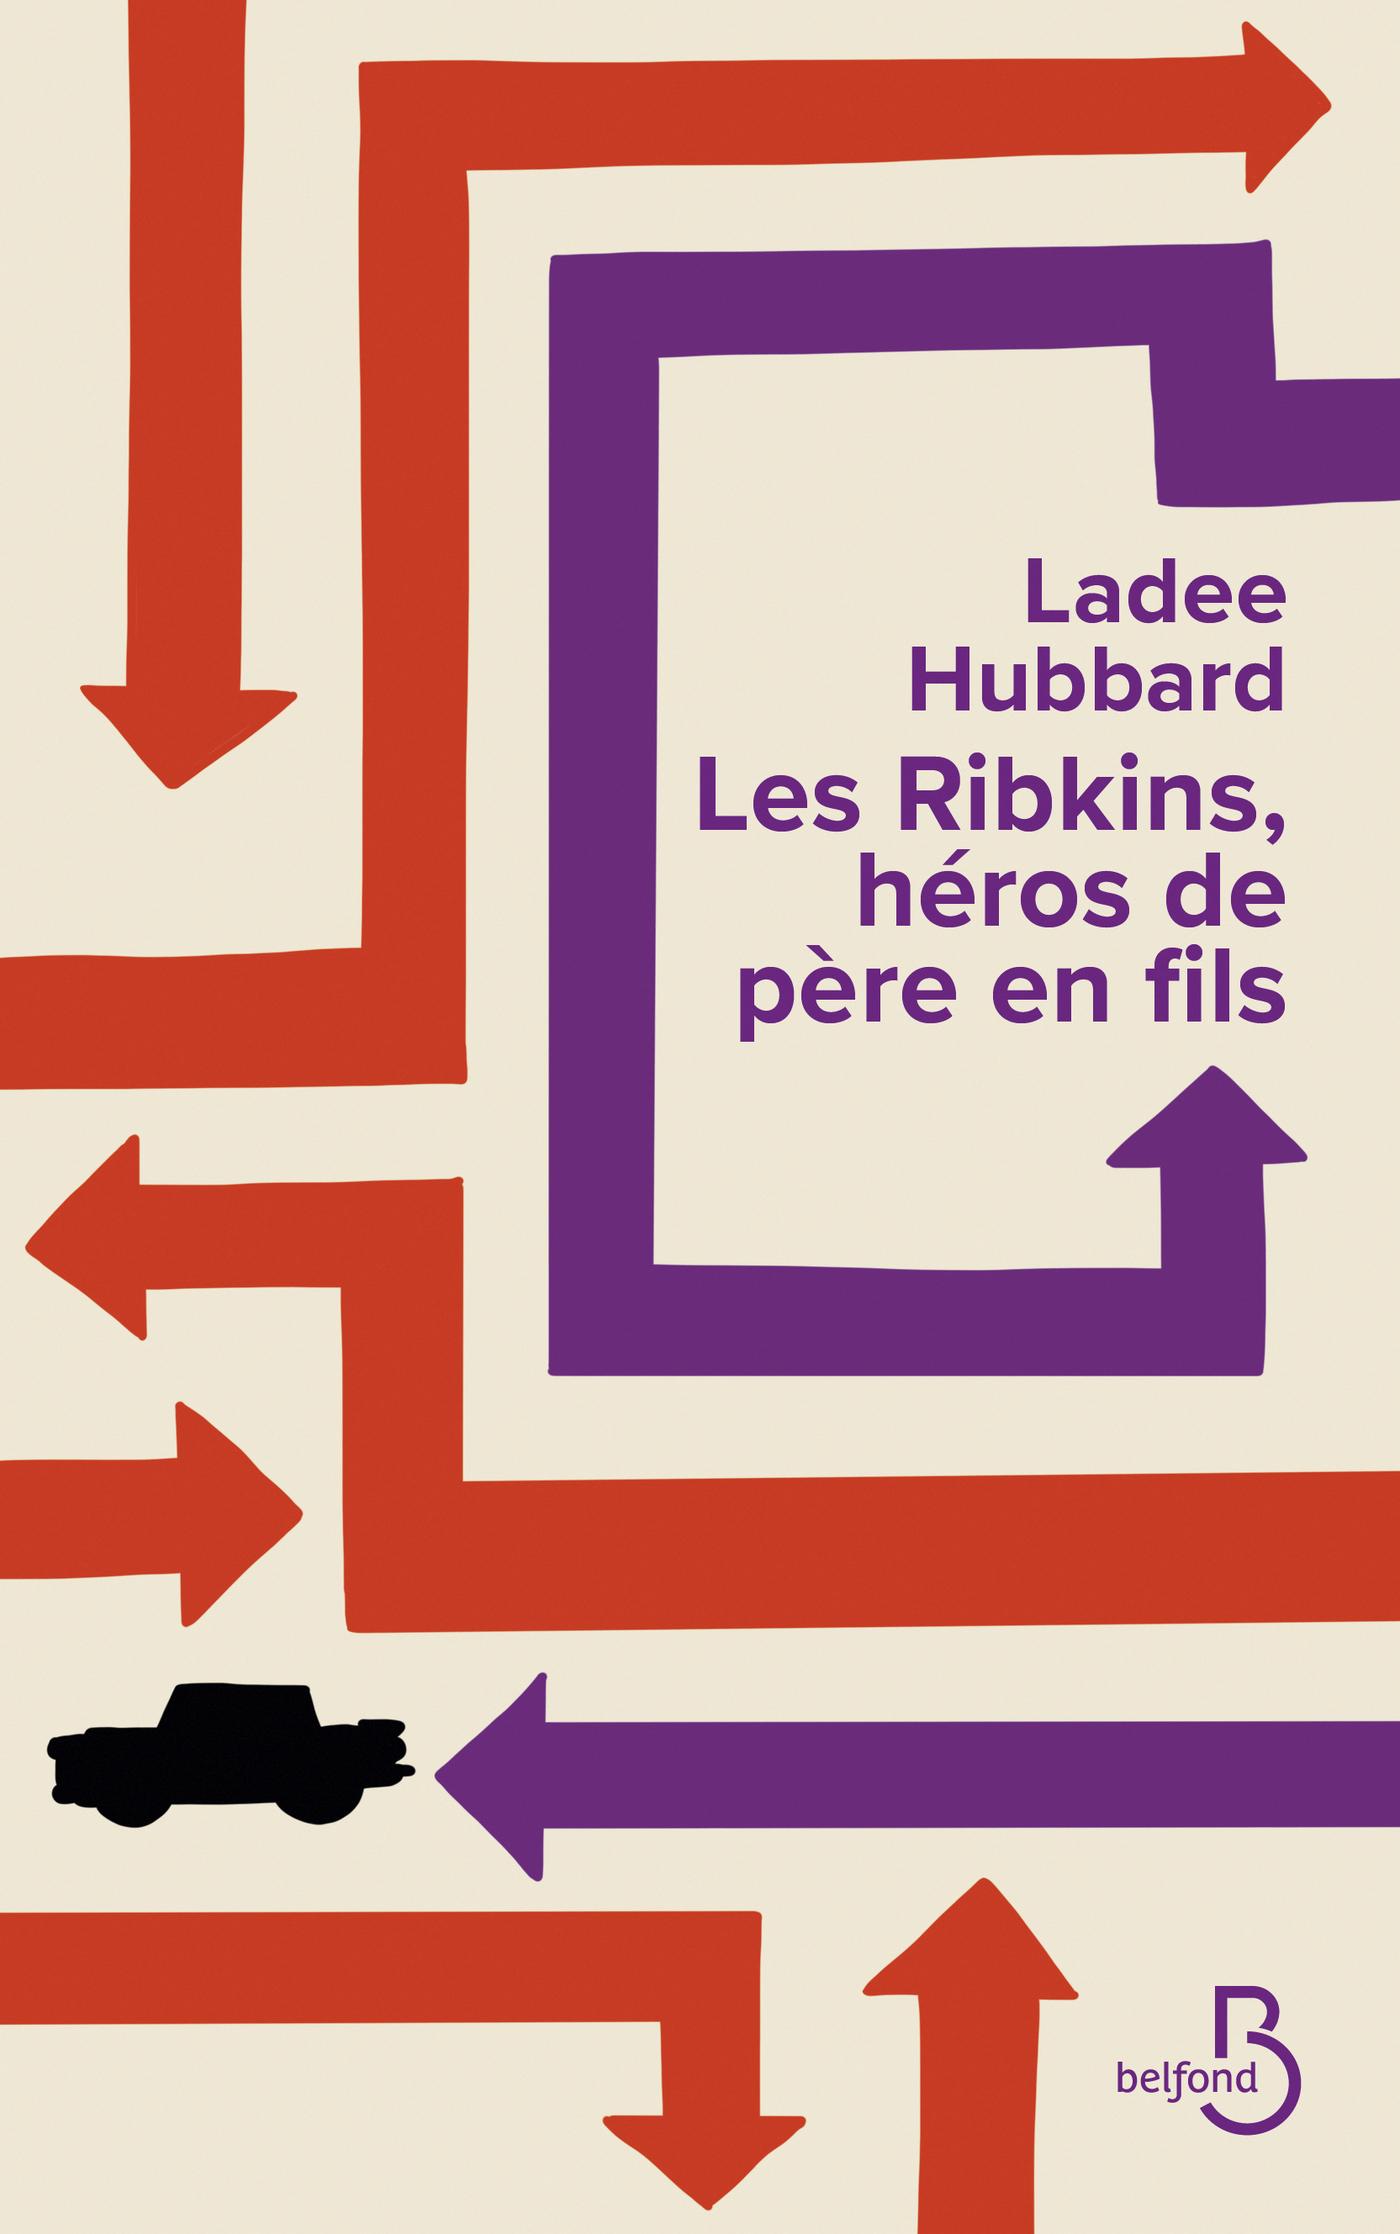 LES RIBKINS, HEROS DE PERE EN FILS